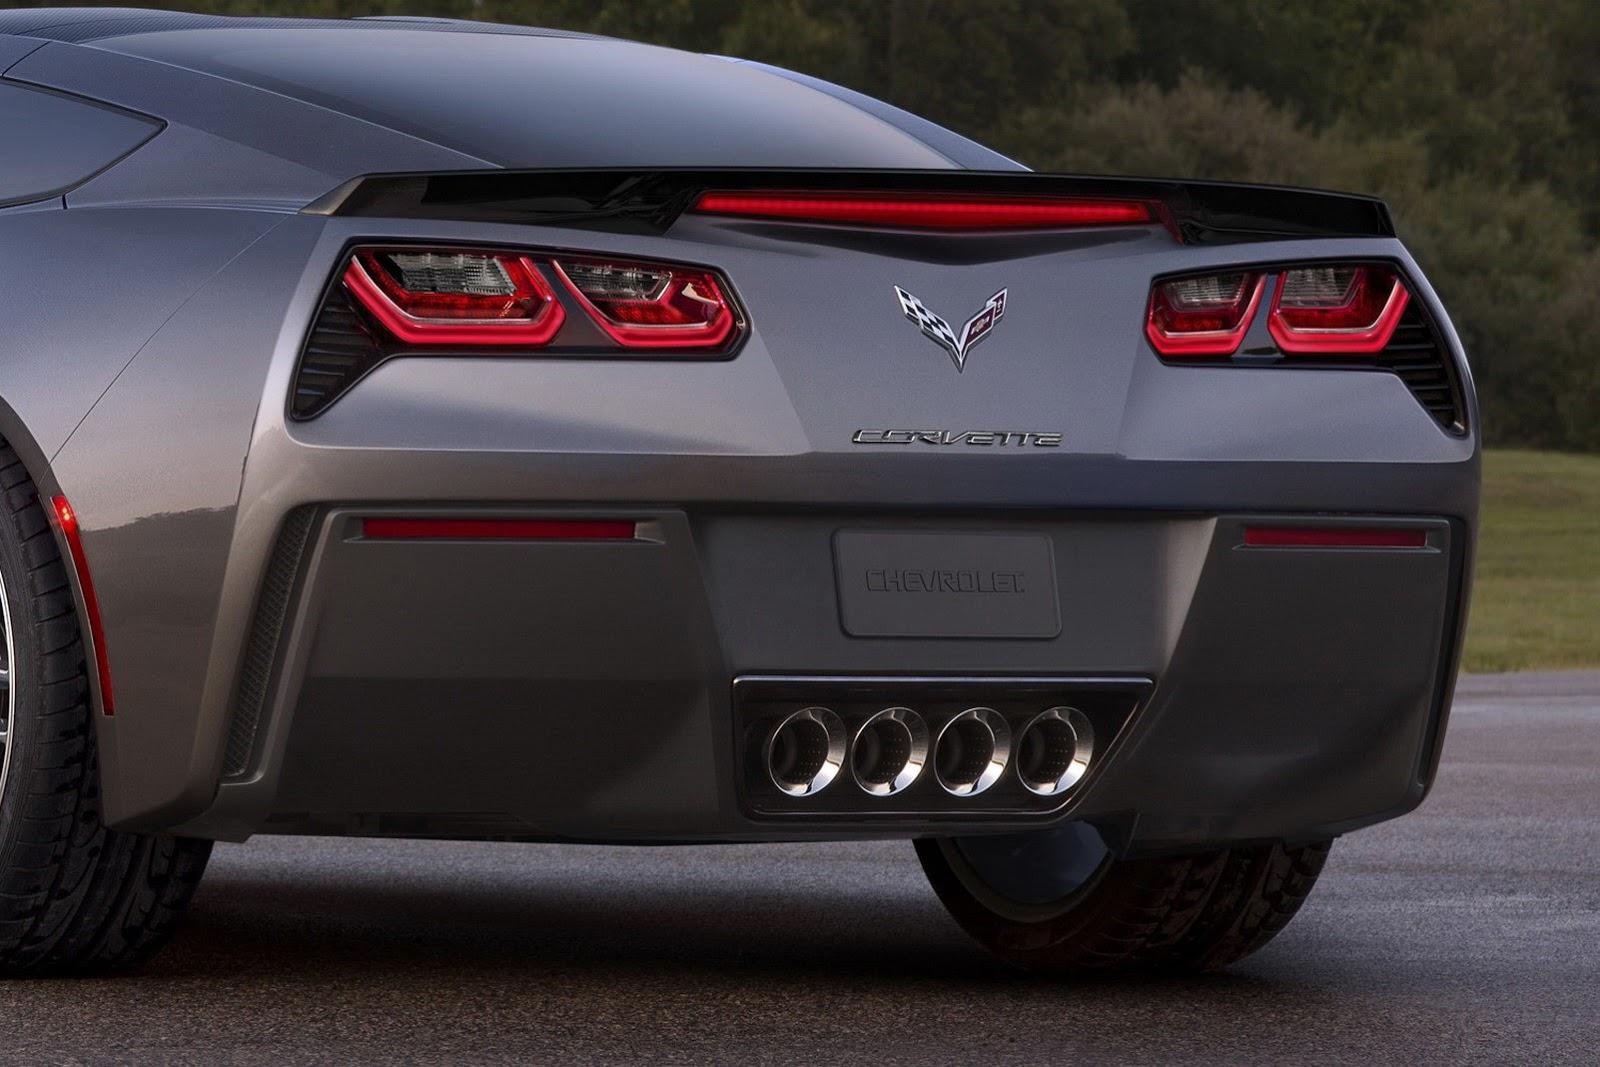 http://2.bp.blogspot.com/-AVlwZ3unANI/UPQvNOfQ0EI/AAAAAAAA5Aw/8U9msyeKs_M/s1600/2014-Chevrolet-Corvette-C7-12.jpg